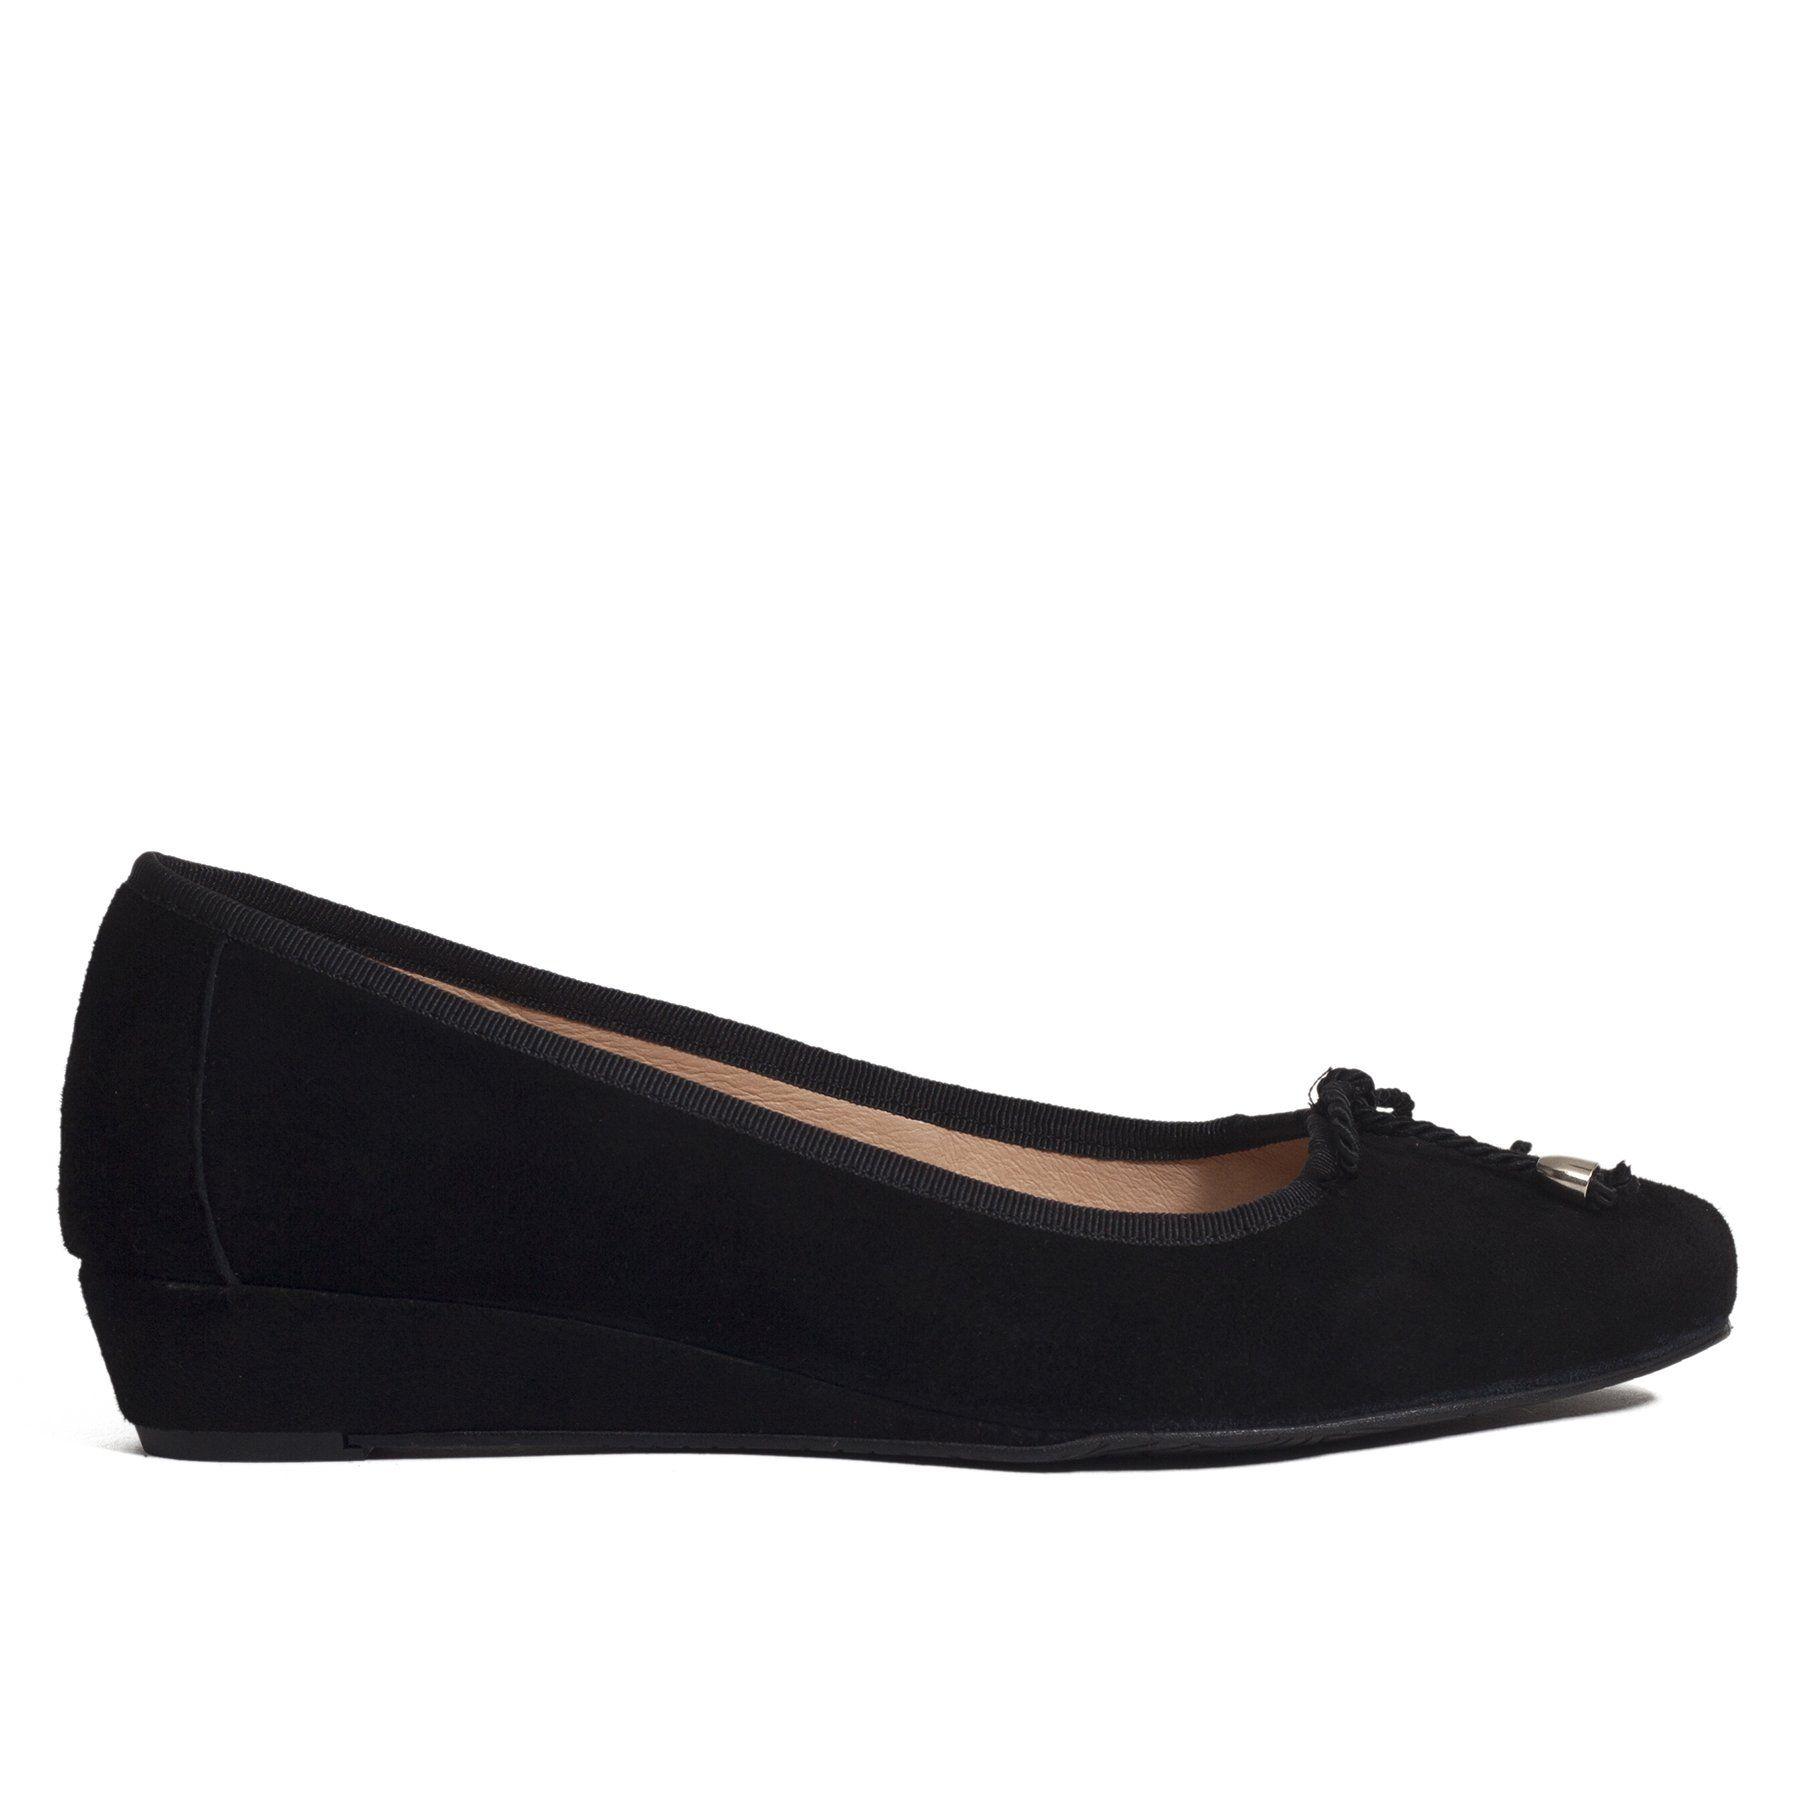 d1f14a6da6640 Zapato de cuña Negro Piel-Ante - miMaO Zapatos Online – miMaO ShopOnline